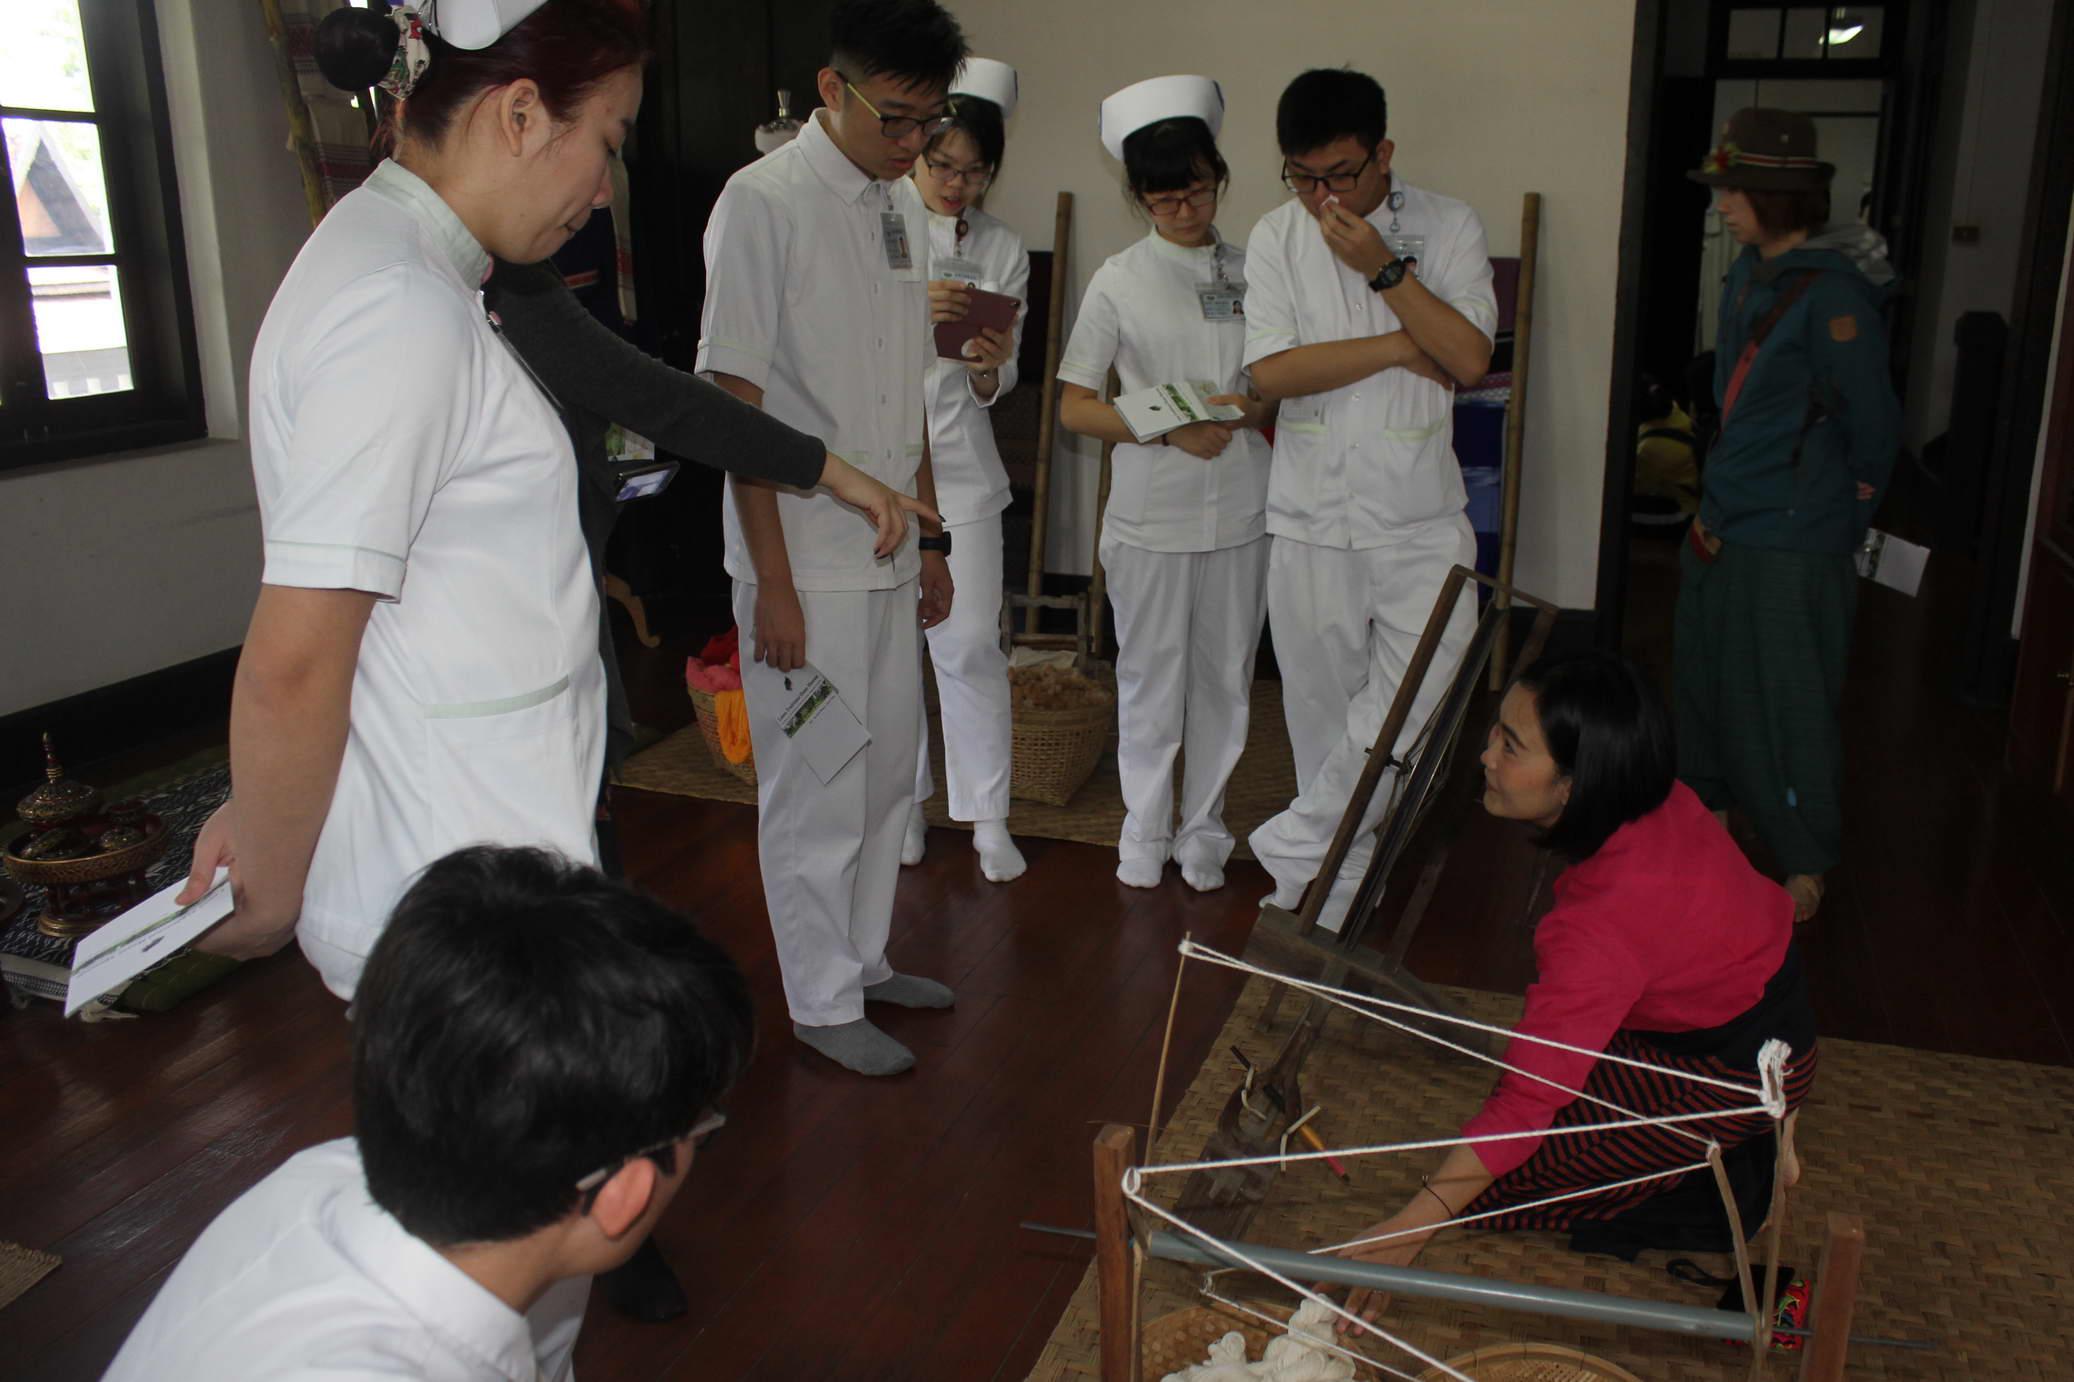 ต้อนรับนักศึกษาแลกเปลี่ยนจากTzu Chi University of Science and Technology ประเทศไต้หวัน